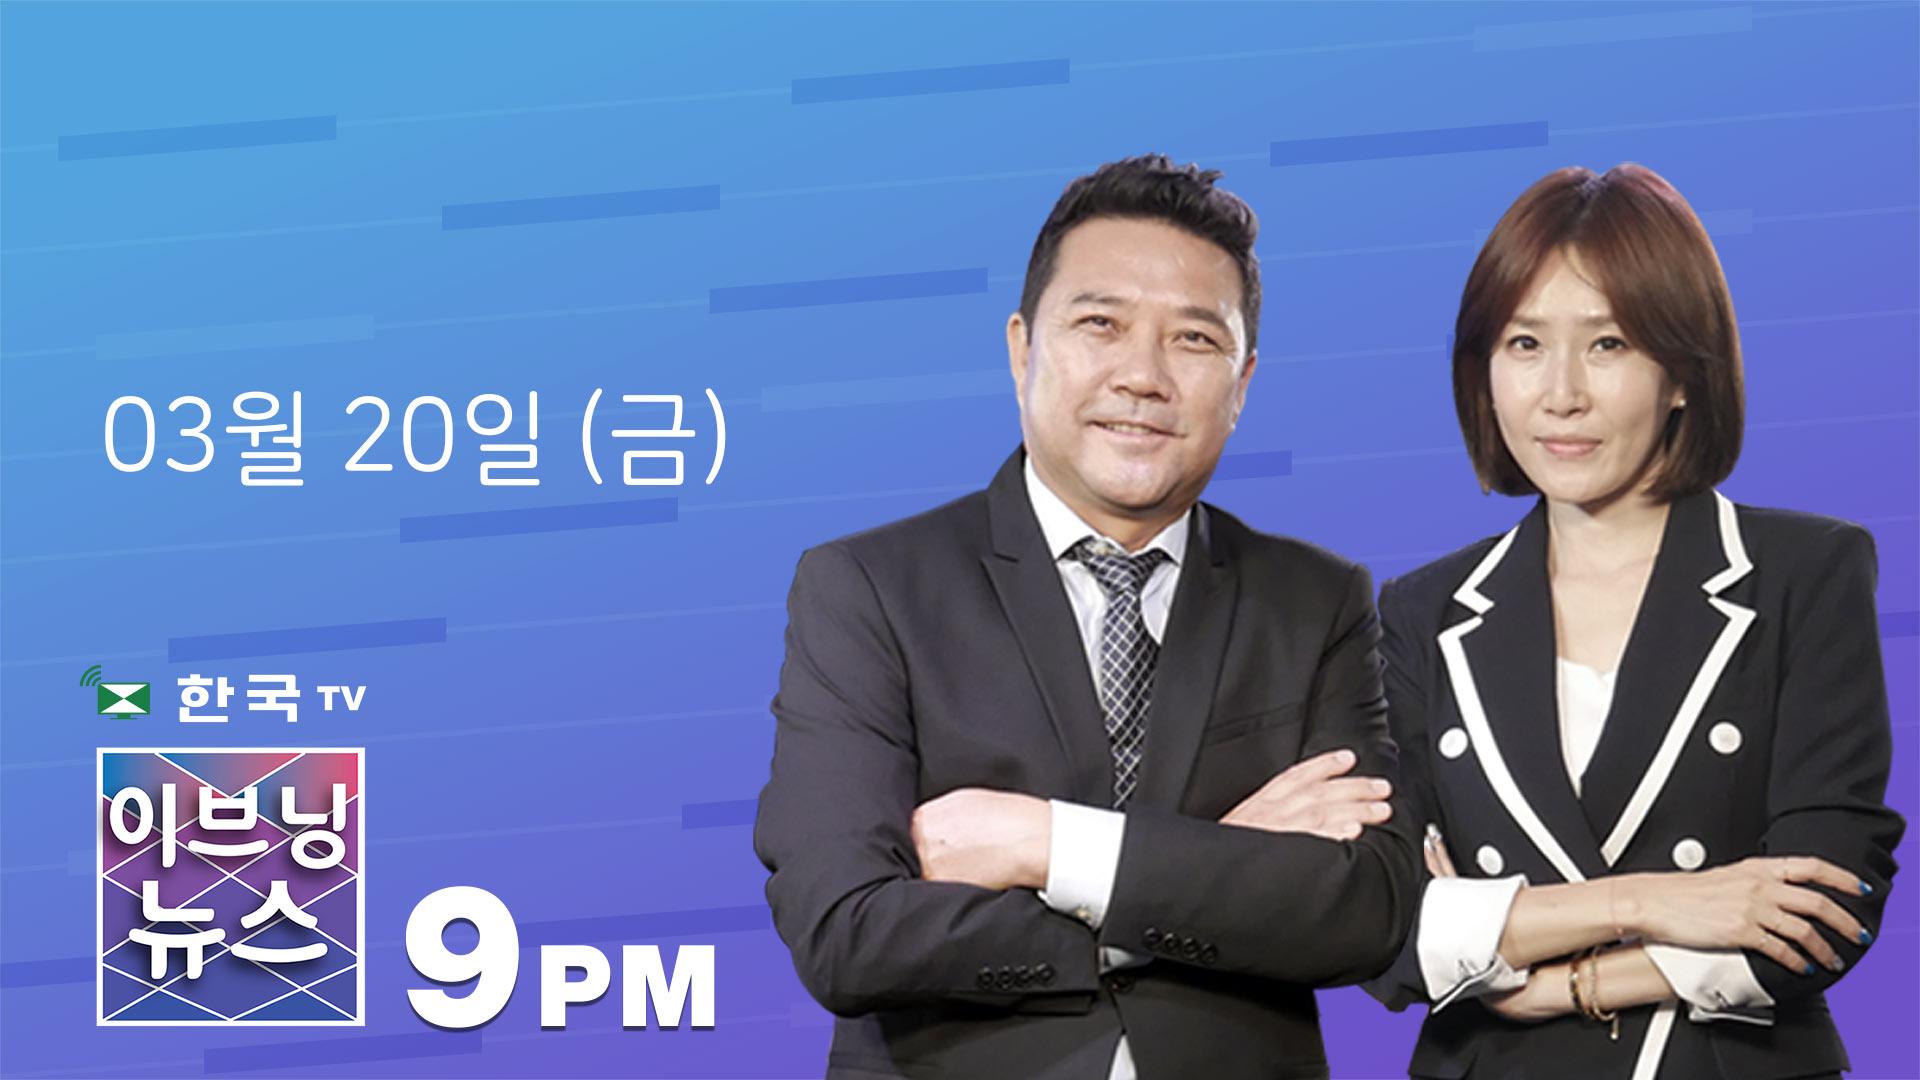 (03.20.2020) 한국TV 이브닝 뉴스